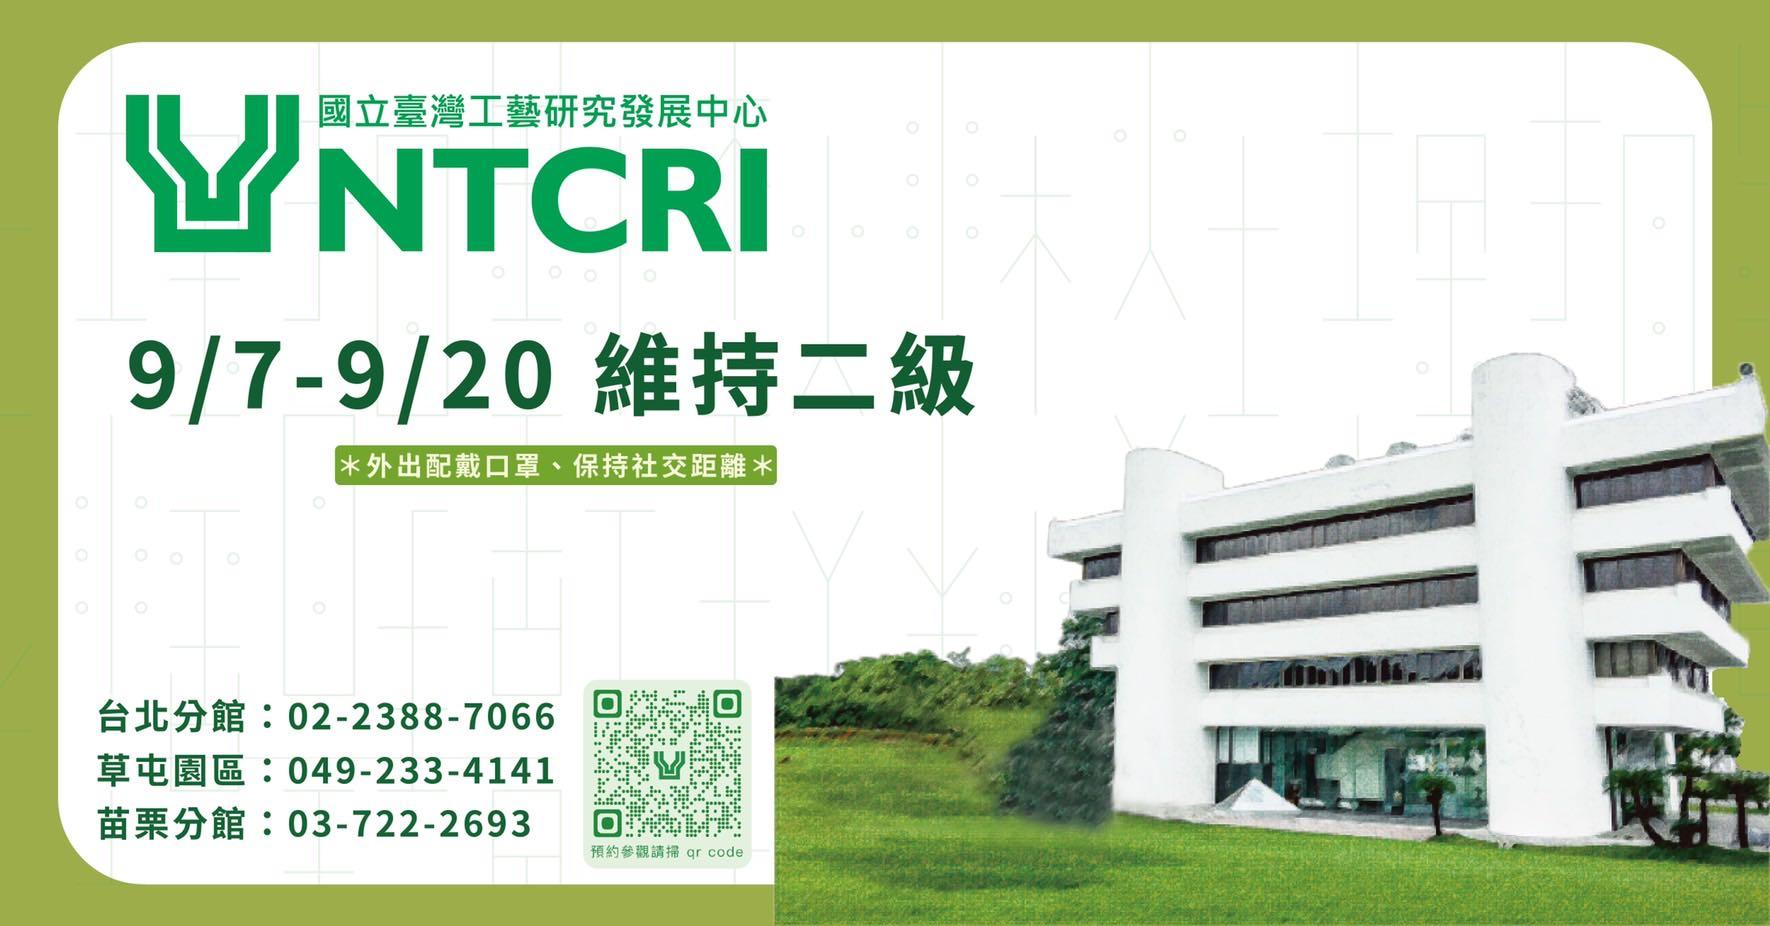 國立臺灣工藝研究發展中心自8月10日起,各場館開放預約民眾優先參觀「另開新視窗」-mobile